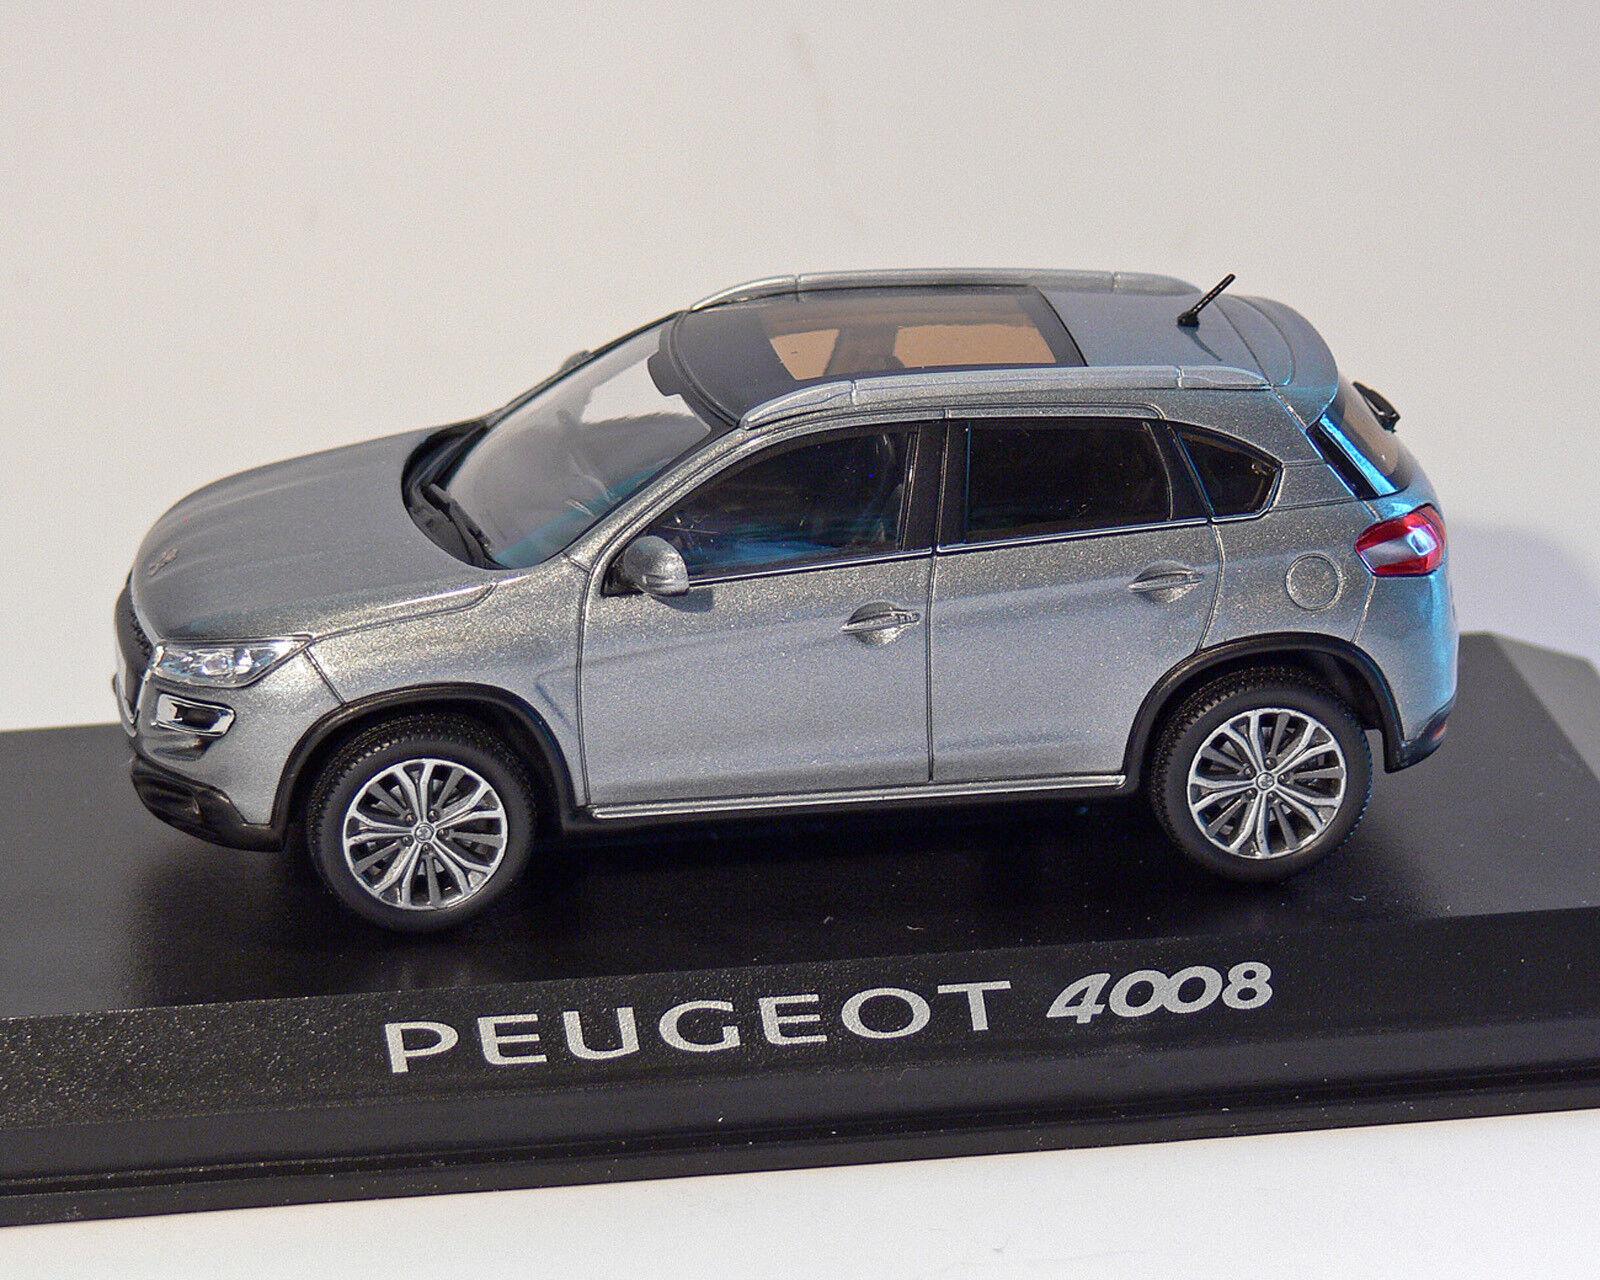 PEUGEOT 4008 grey-met. 1 43, Norev